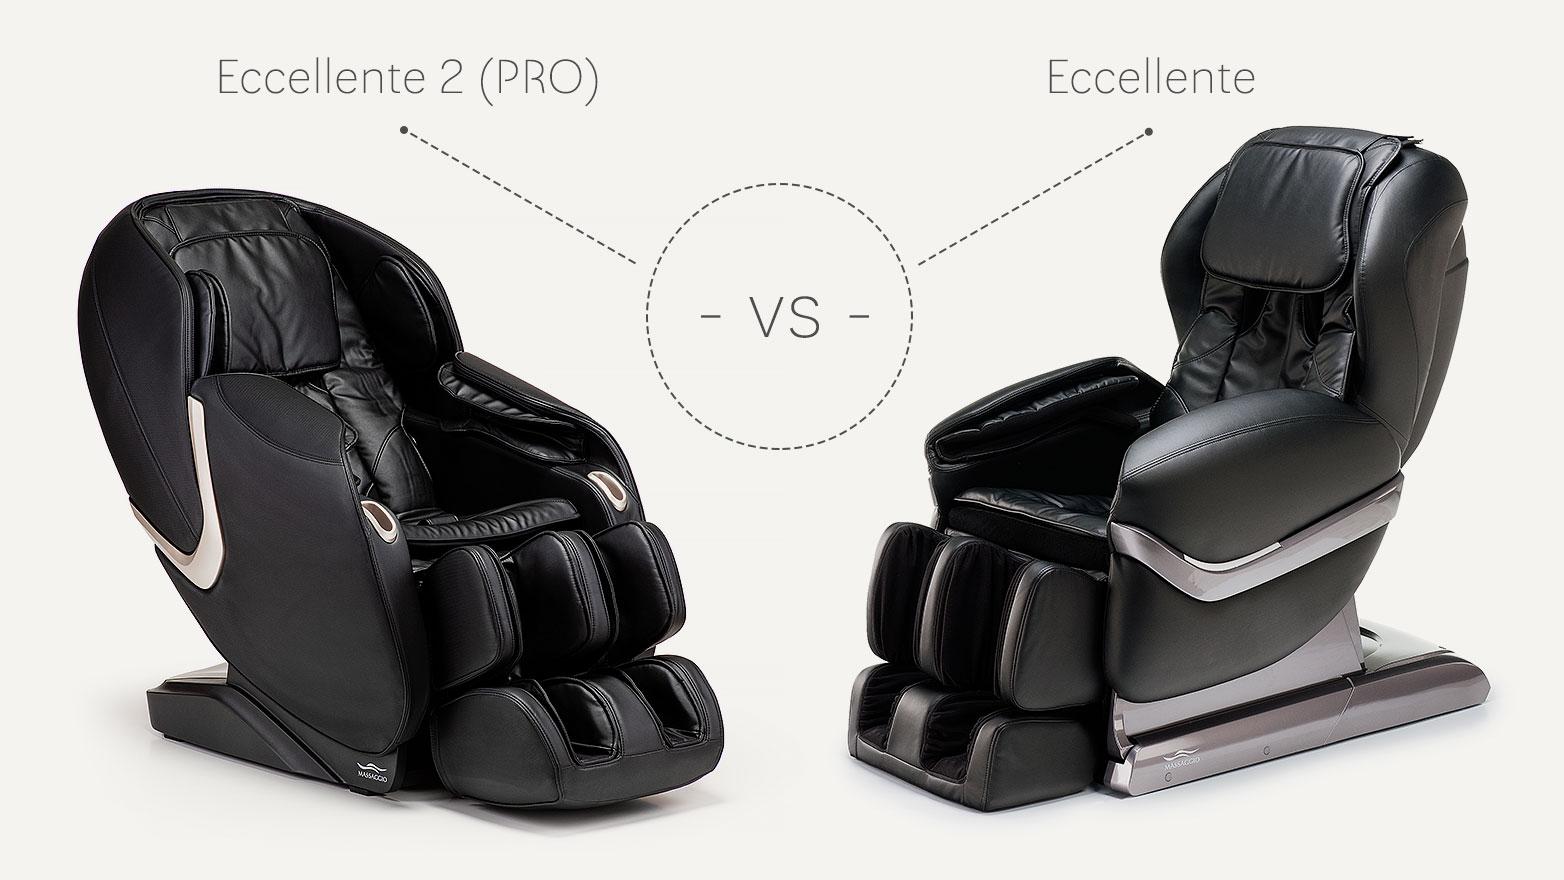 Różnice między modelami Eccellente